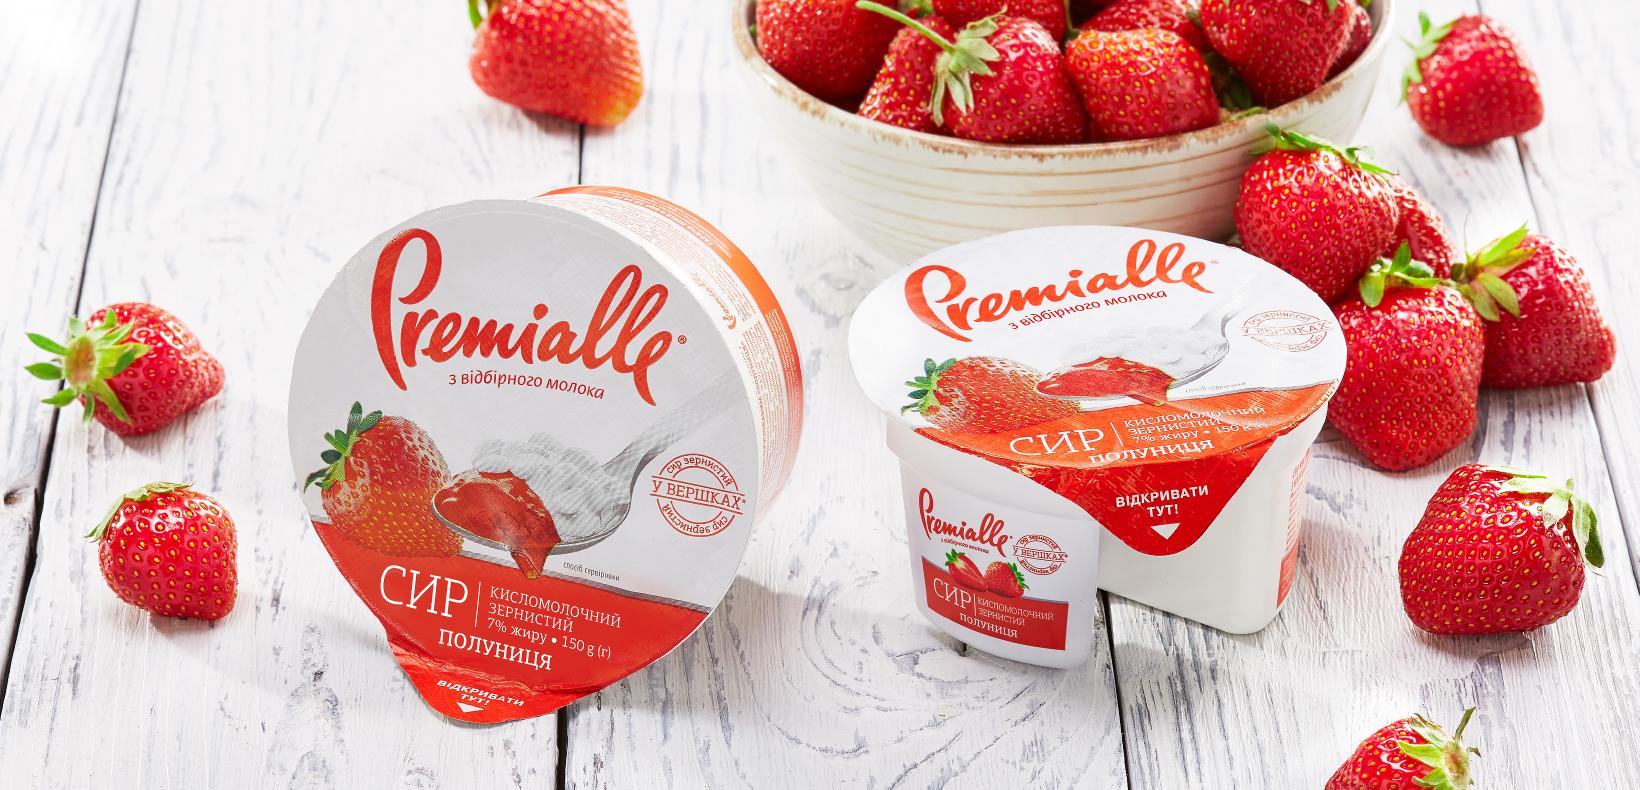 упаковка зернистого сыра клубника Premialle